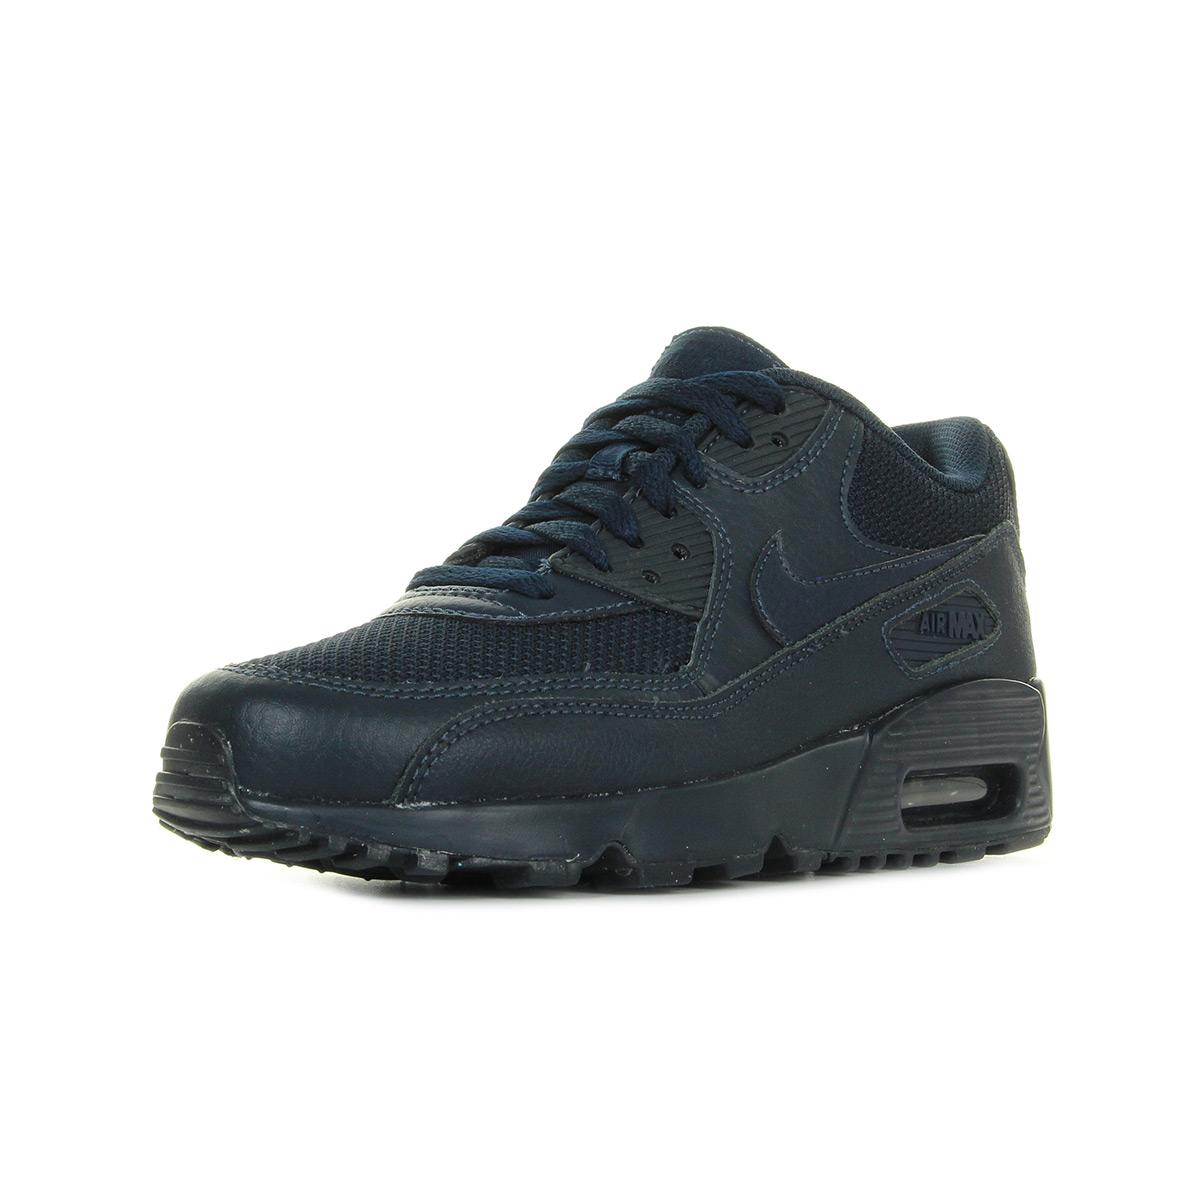 Chaussures Max Baskets Nike Femme Air Max Chaussures 90 Mesh Taille Bleu Marine 477d4e